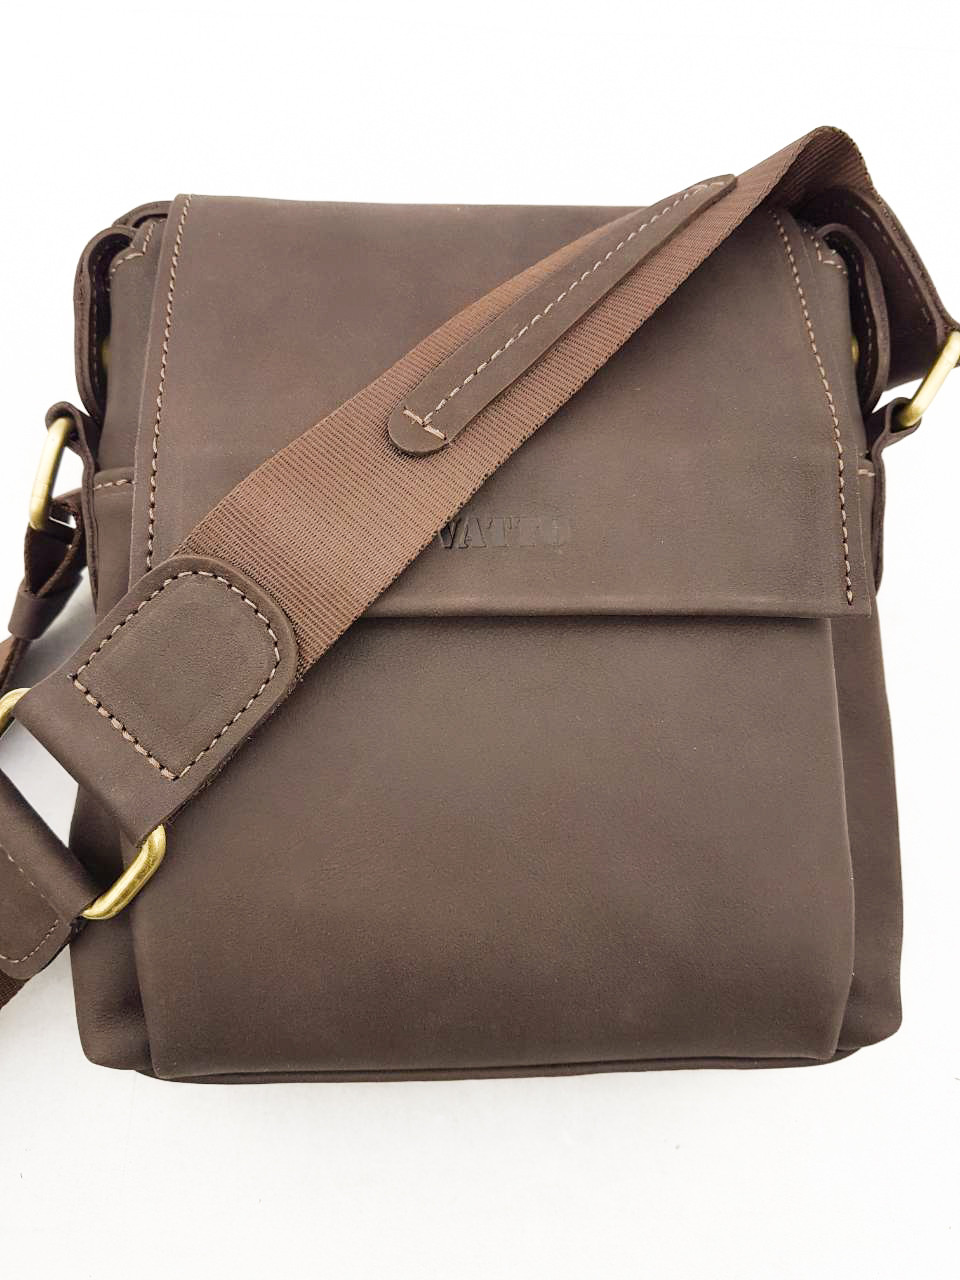 c8618c670f7f Мужская сумка VATTO Mk41.12 Kr450 с ручками. Цена, купить Мужская ...